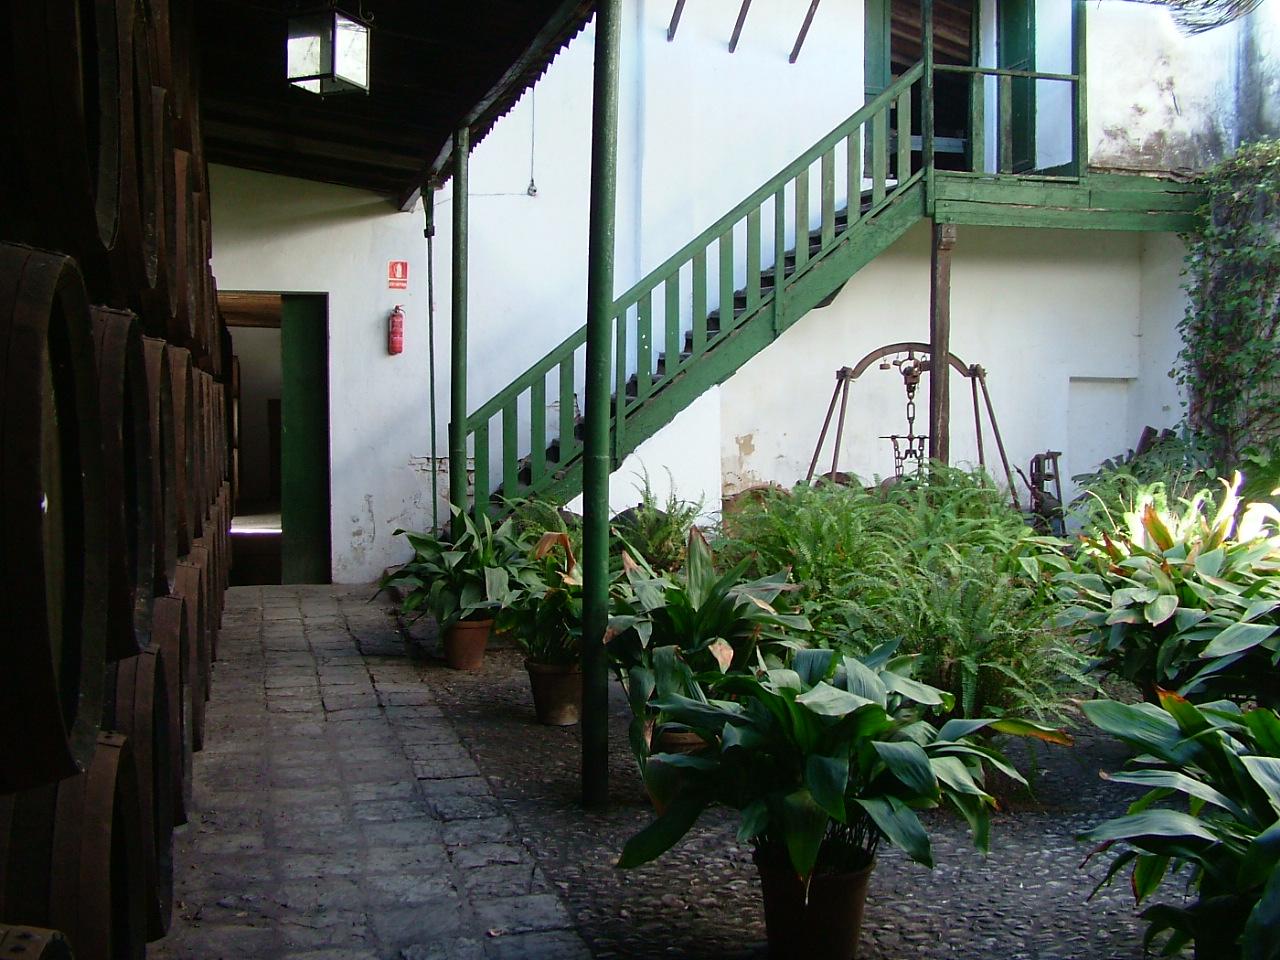 Los patios forman parte del ecosistema natural  de la bodega